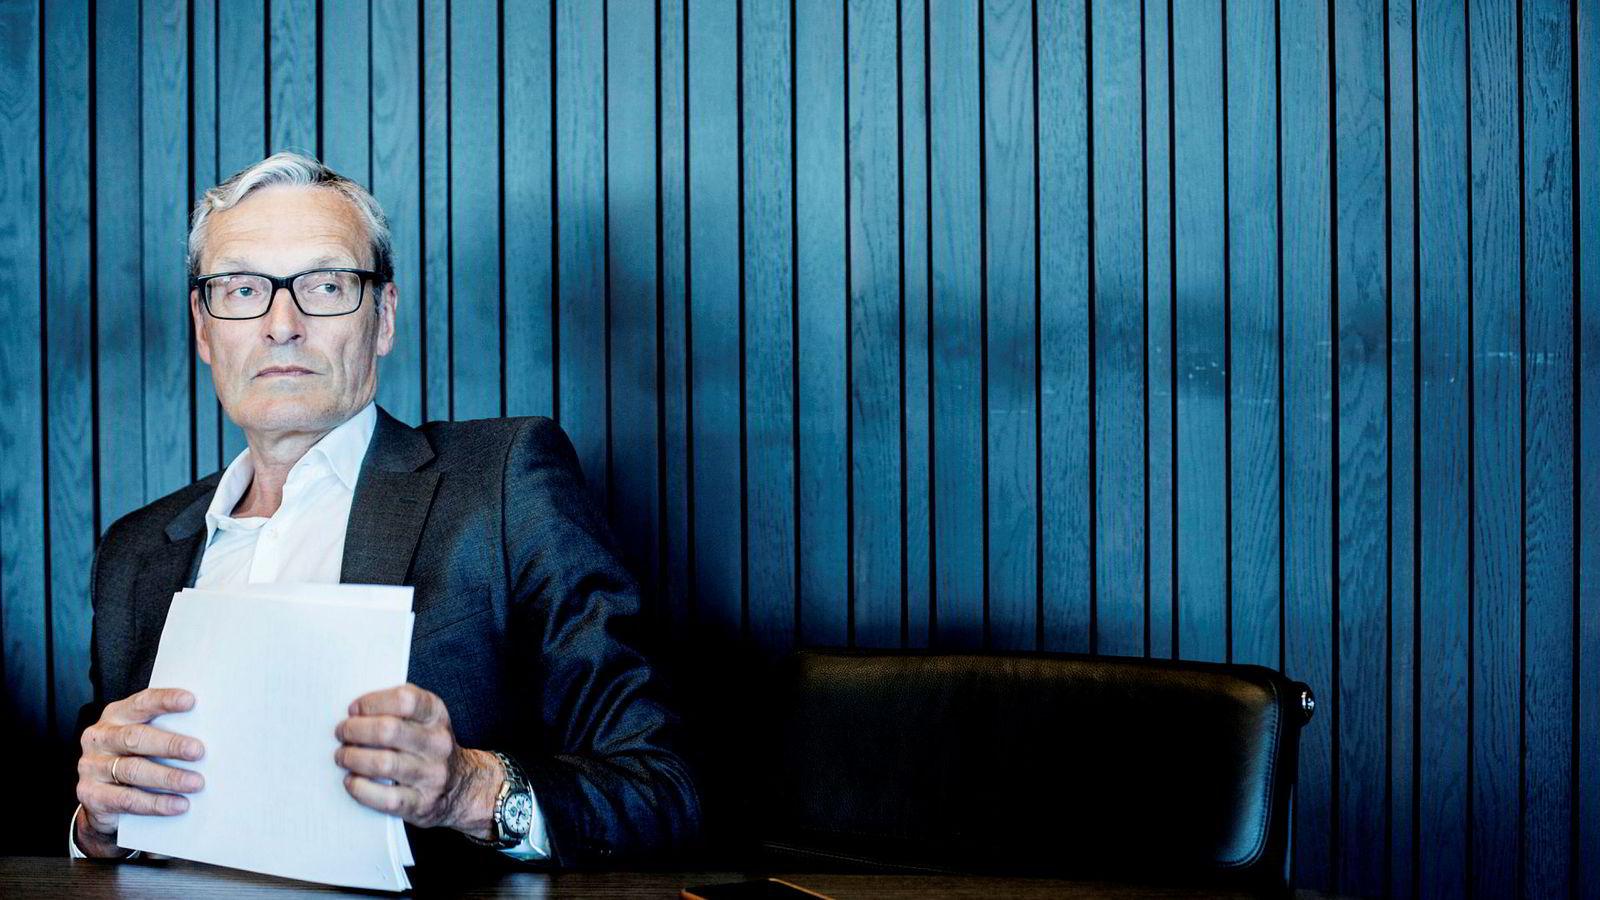 EAM Solar er blitt lurt i en milliardhandel med solkraftverk. – Vi gir Viktor Jakobsen den støtten han trenger til å stå det løpet, sier toppsjef i Sundt as Leiv Askvig. Sundt as er største investor i EAM Solar.